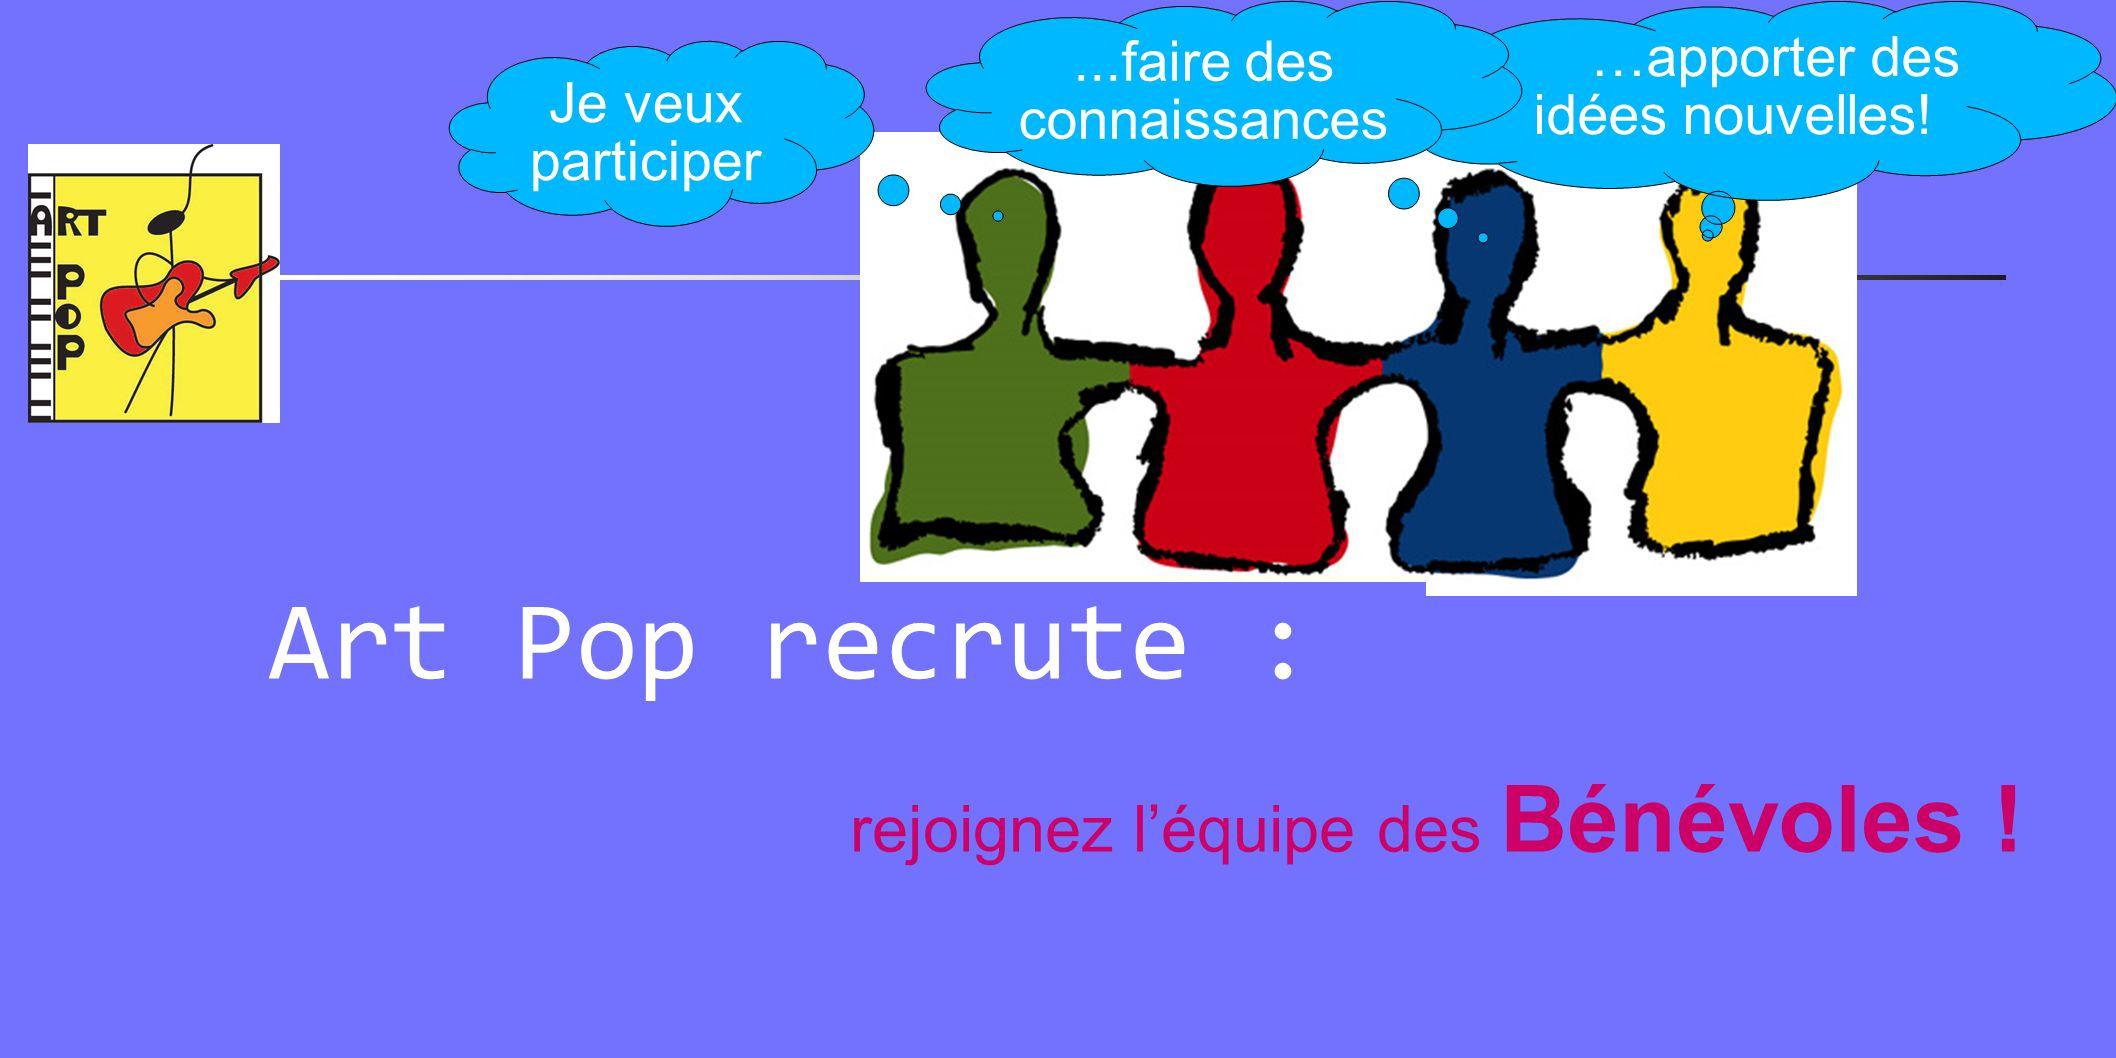 Art Pop recrute : rejoignez l'équipe des Bénévoles !